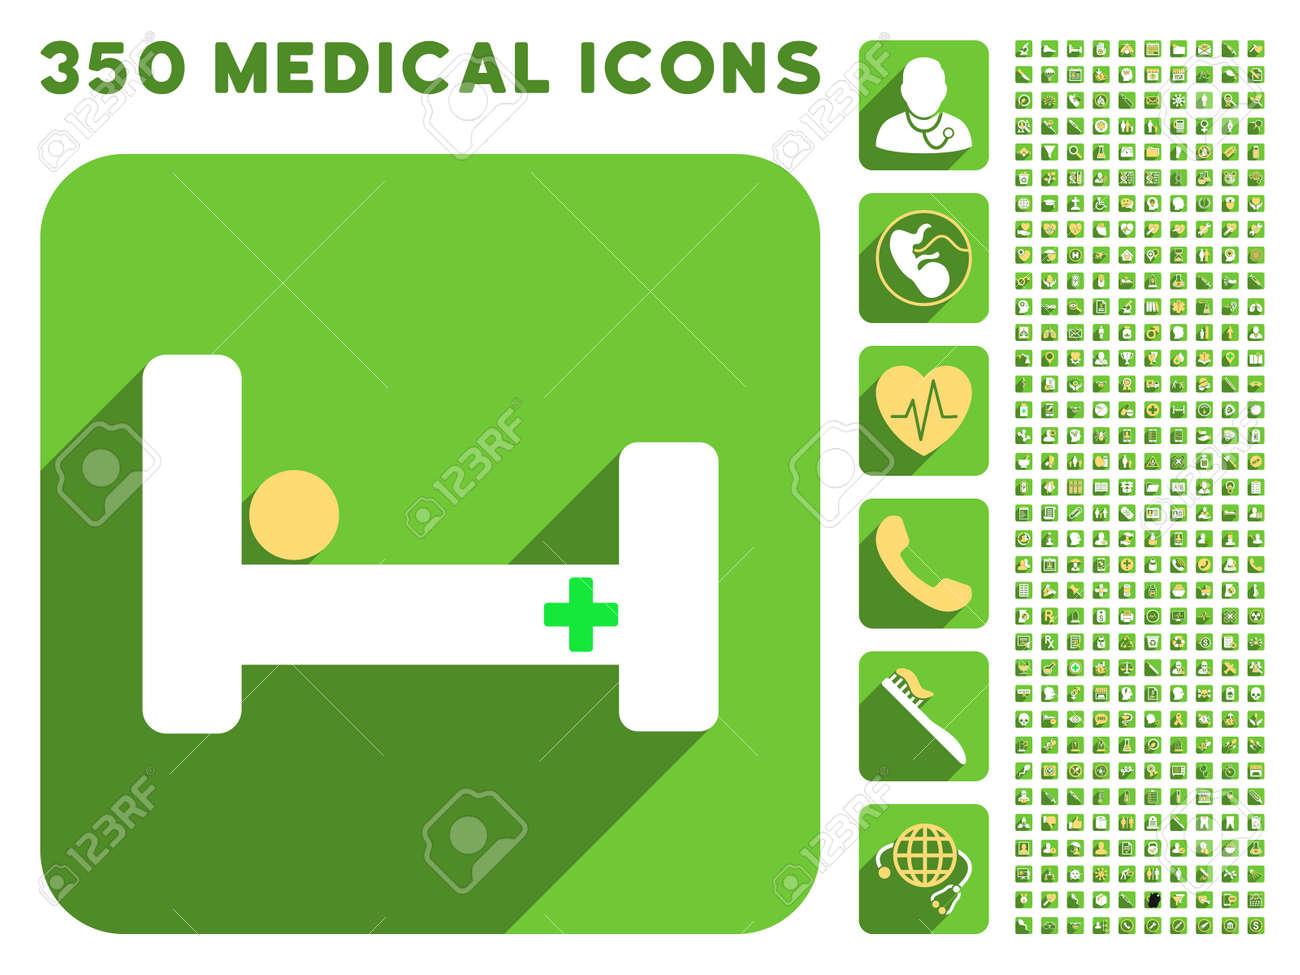 Krankenhaus Bett Symbol Und 350 Vektor Medizinische Icons Sammlung